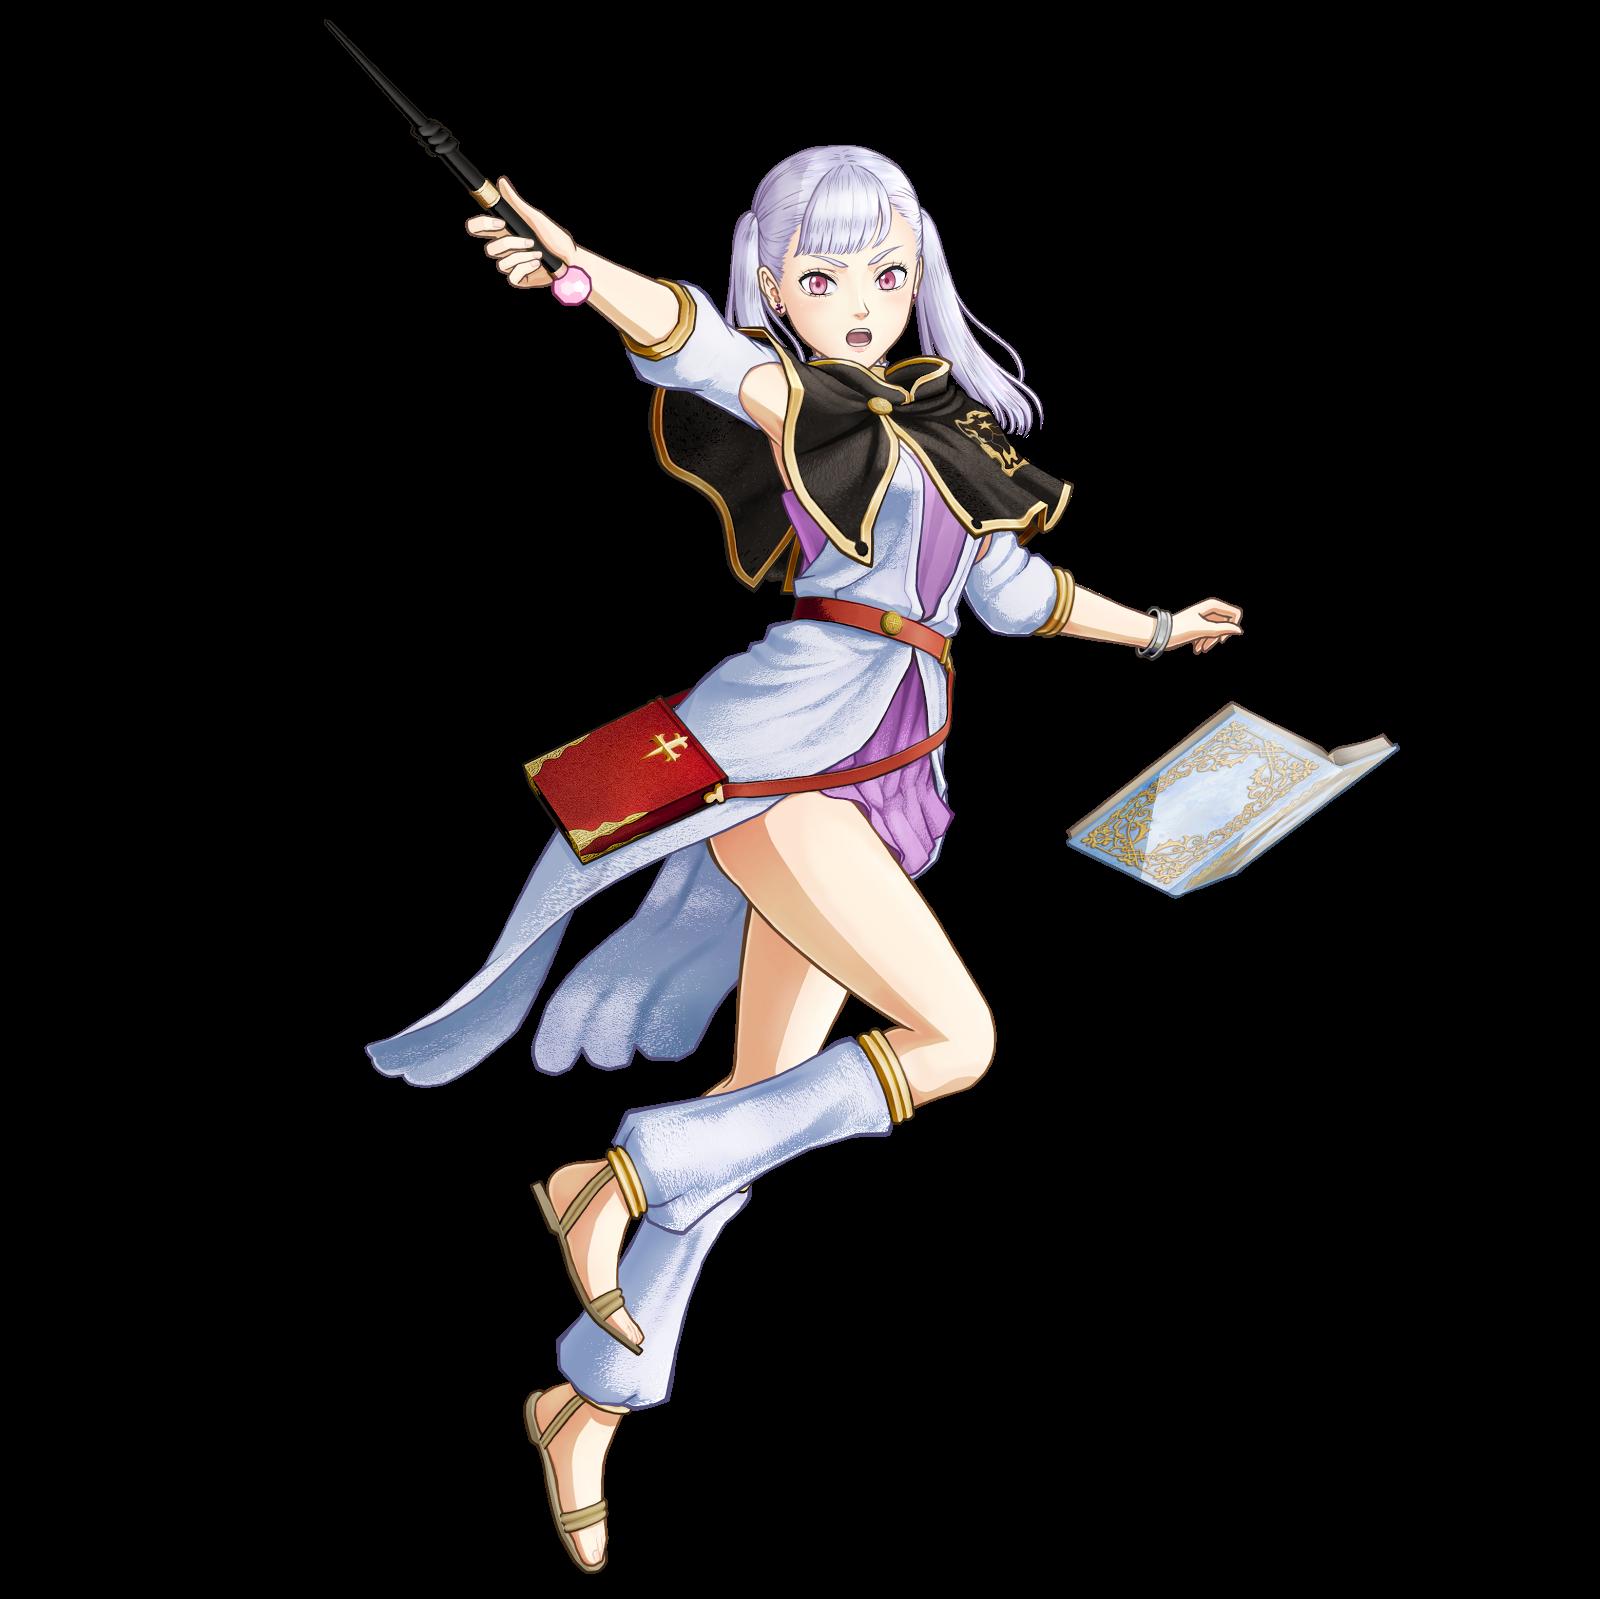 Pin De Alpha Balancedoll Em Black Clover Anime Personagens De Anime Desenhos De Anime